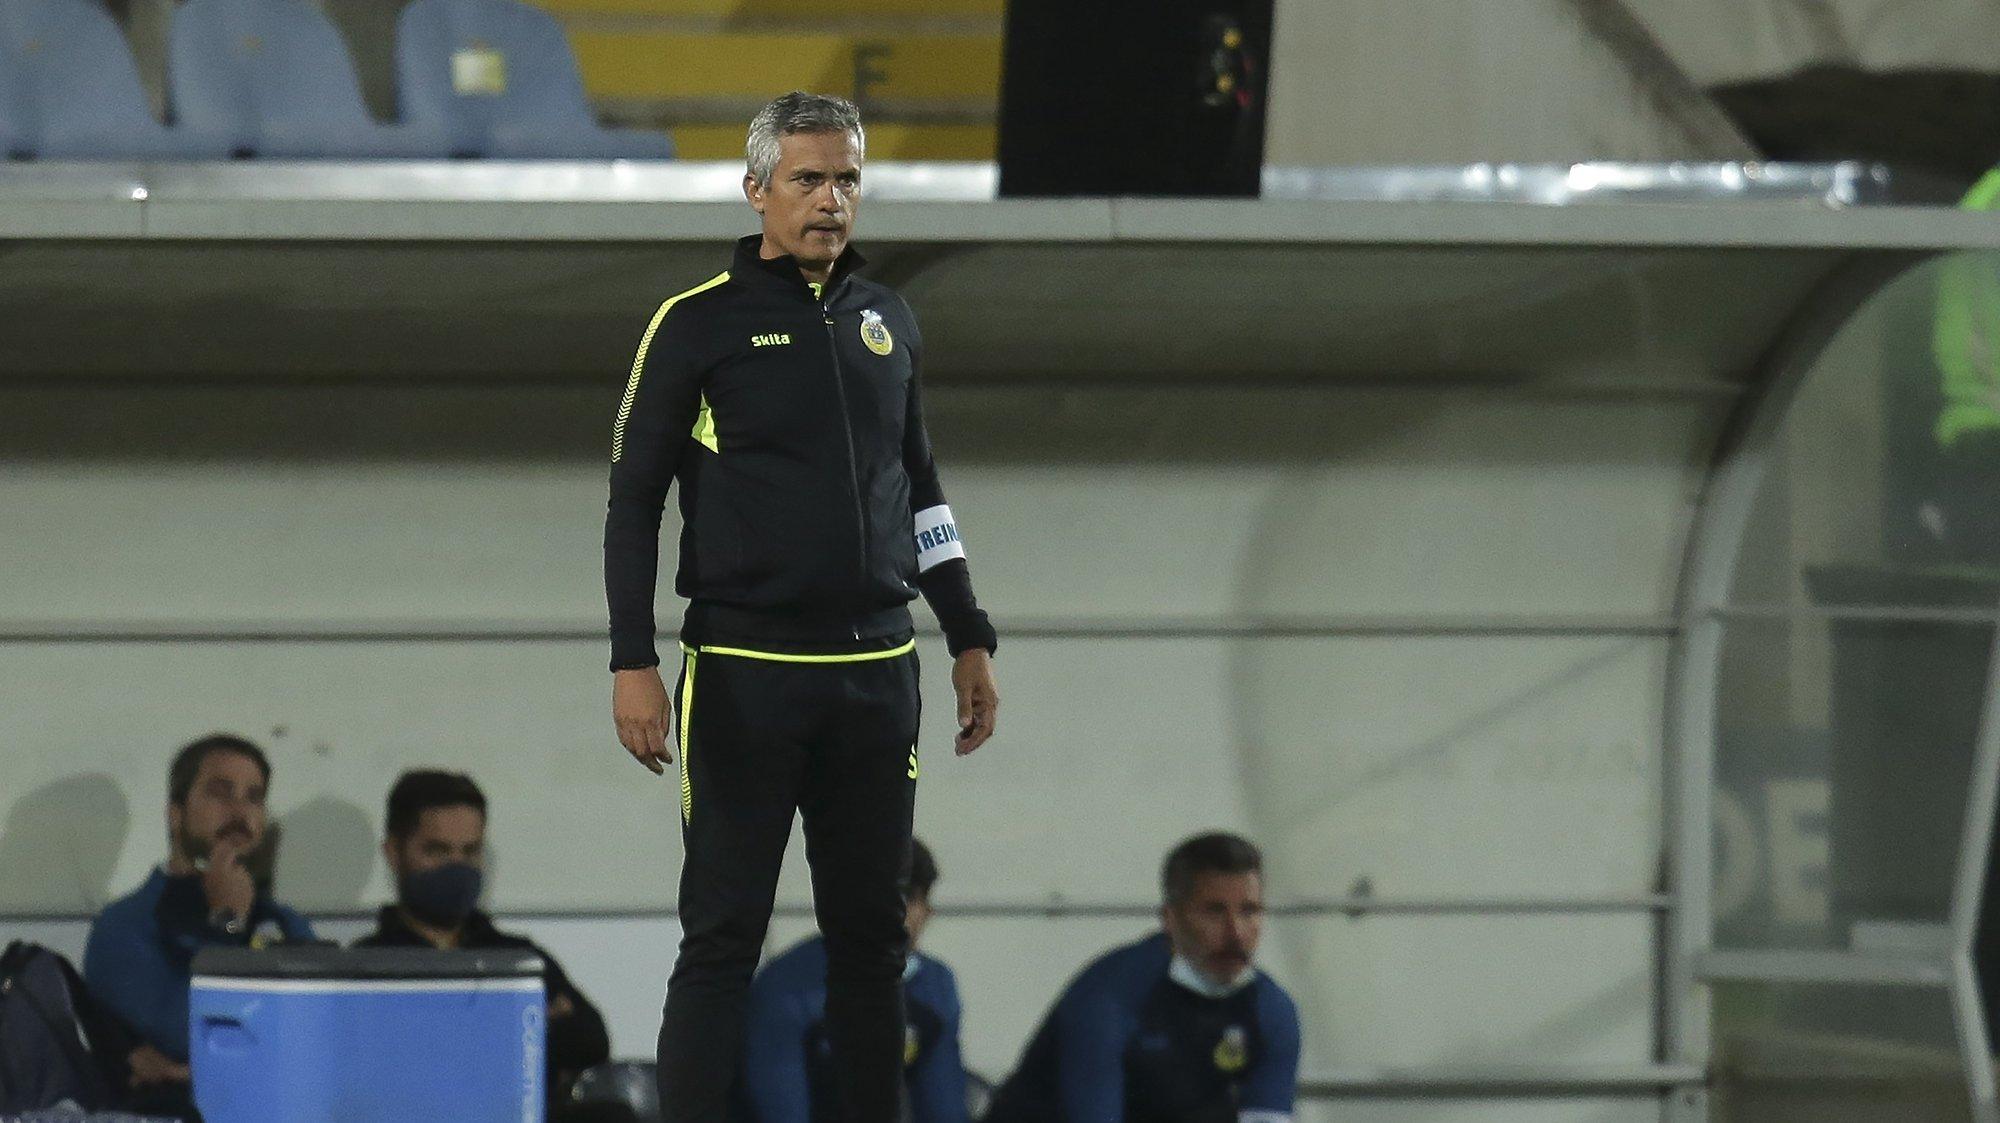 O treinador do Arouca, Armando Evangelista, reage durante o jogo da 6ª jornada da Primeira Liga de futebol contra o Vitória de Guimarães disputado no Estádio Municipal de Arouca, 18 de setembro de 2021. MANUEL FERNANDO ARAUJO/LUSA